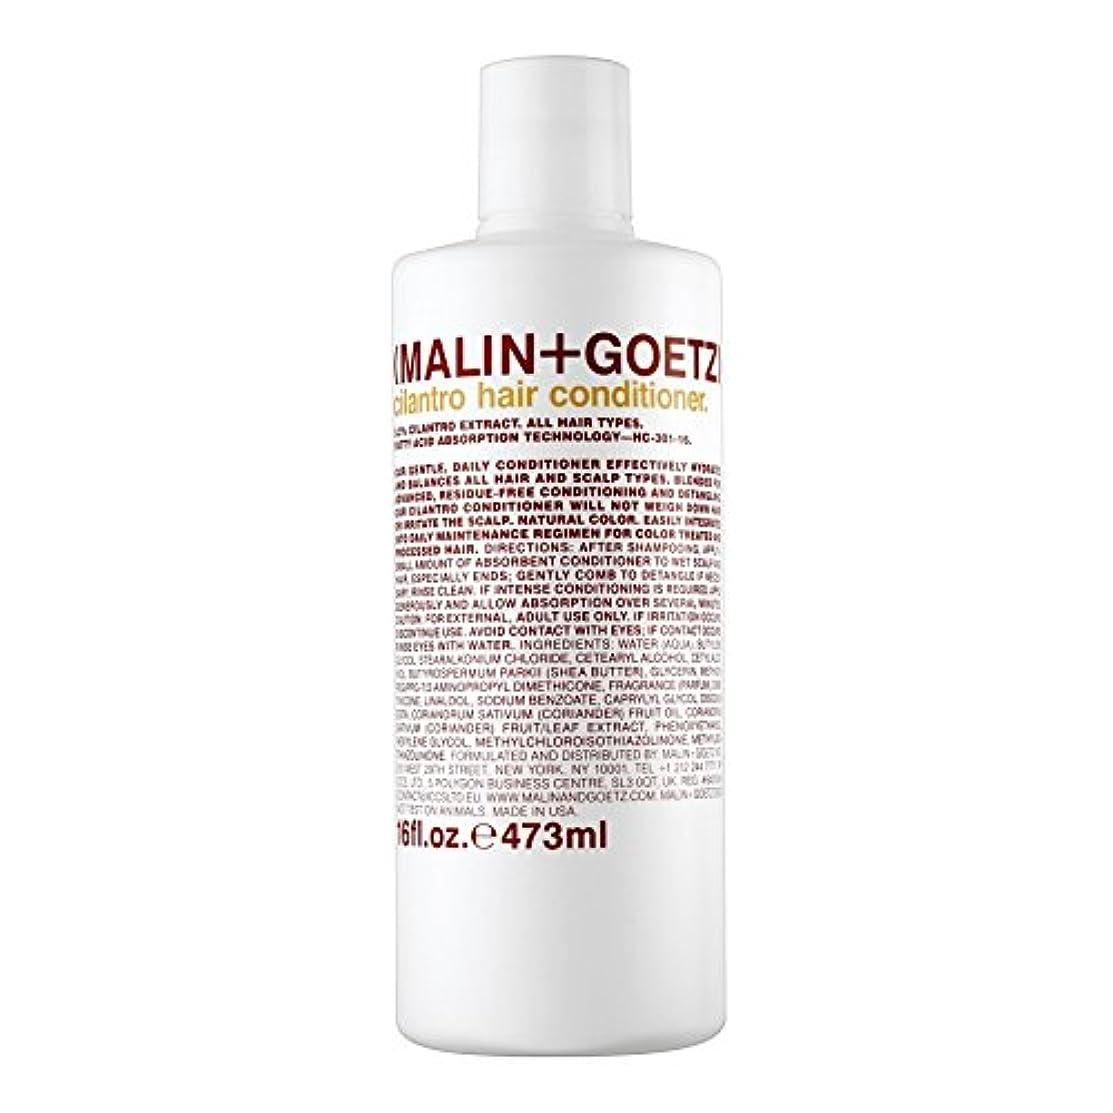 ハイライト相対的テロリストマリン+ゲッツコリアンダーのヘアコンディショナー473ミリリットル x2 - MALIN+GOETZ Cilantro Hair Conditioner 473ml (Pack of 2) [並行輸入品]